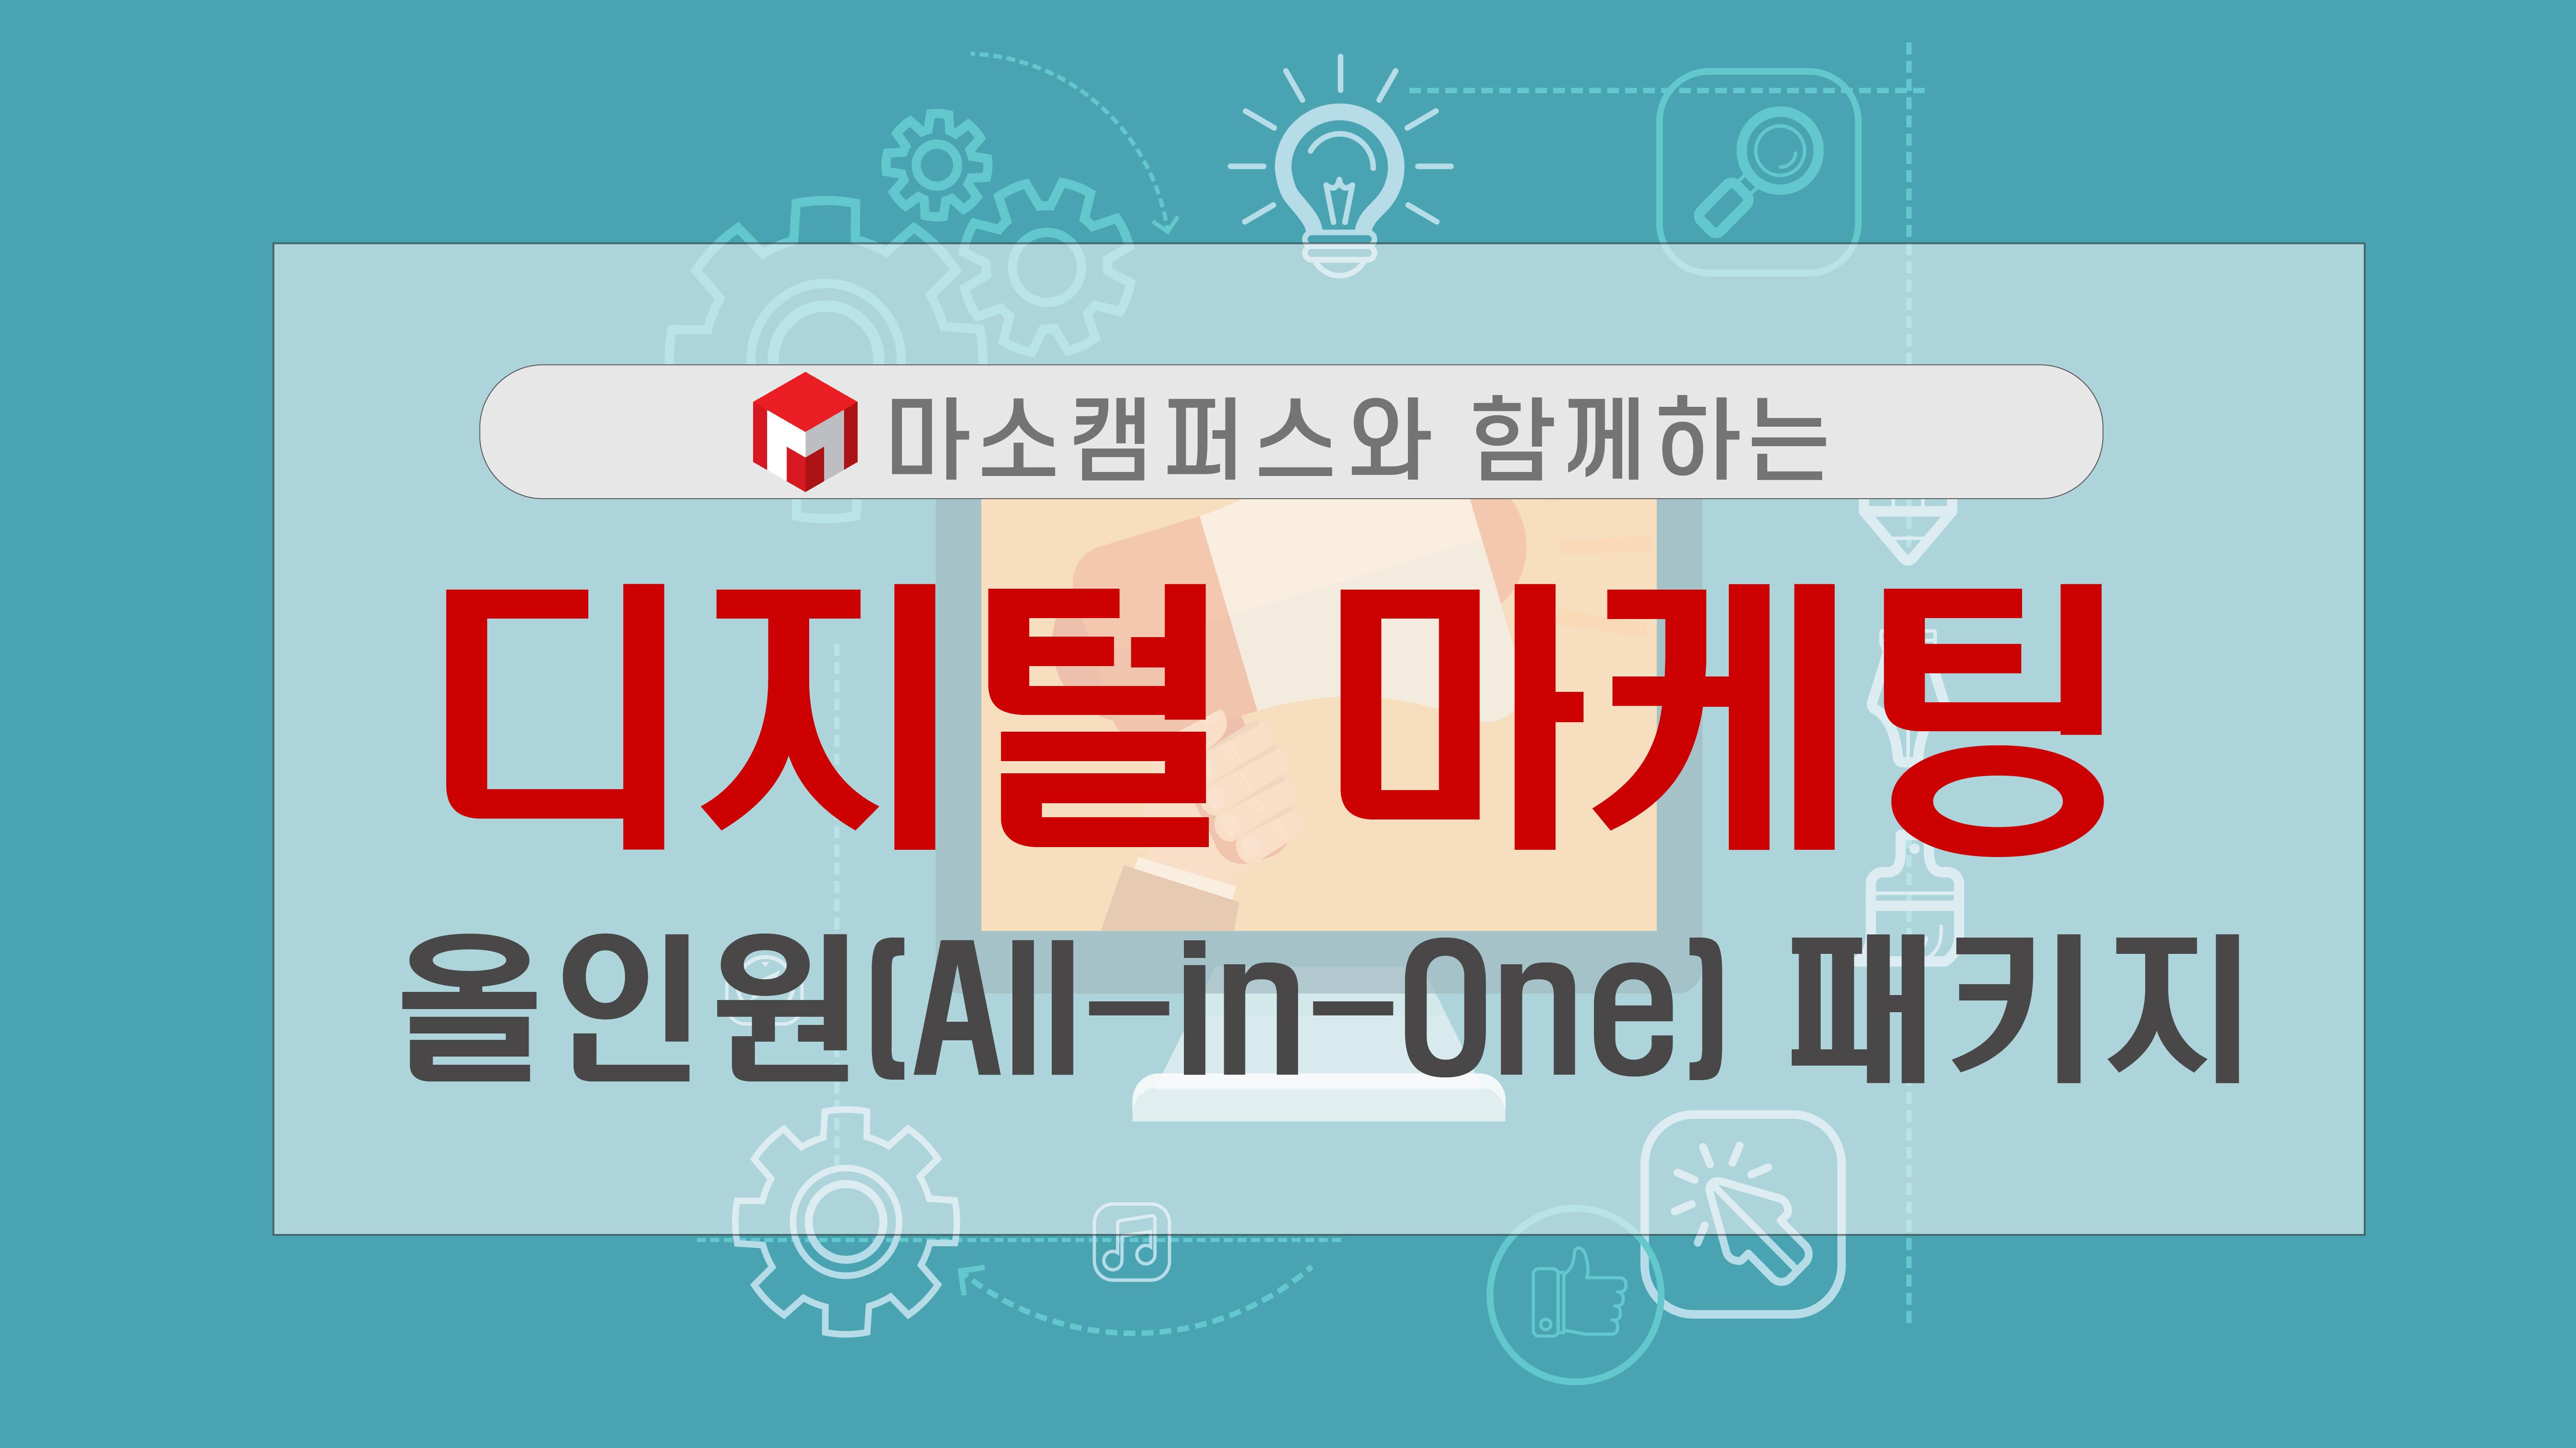 VOD-올인원. 디지털 마케팅 패키지